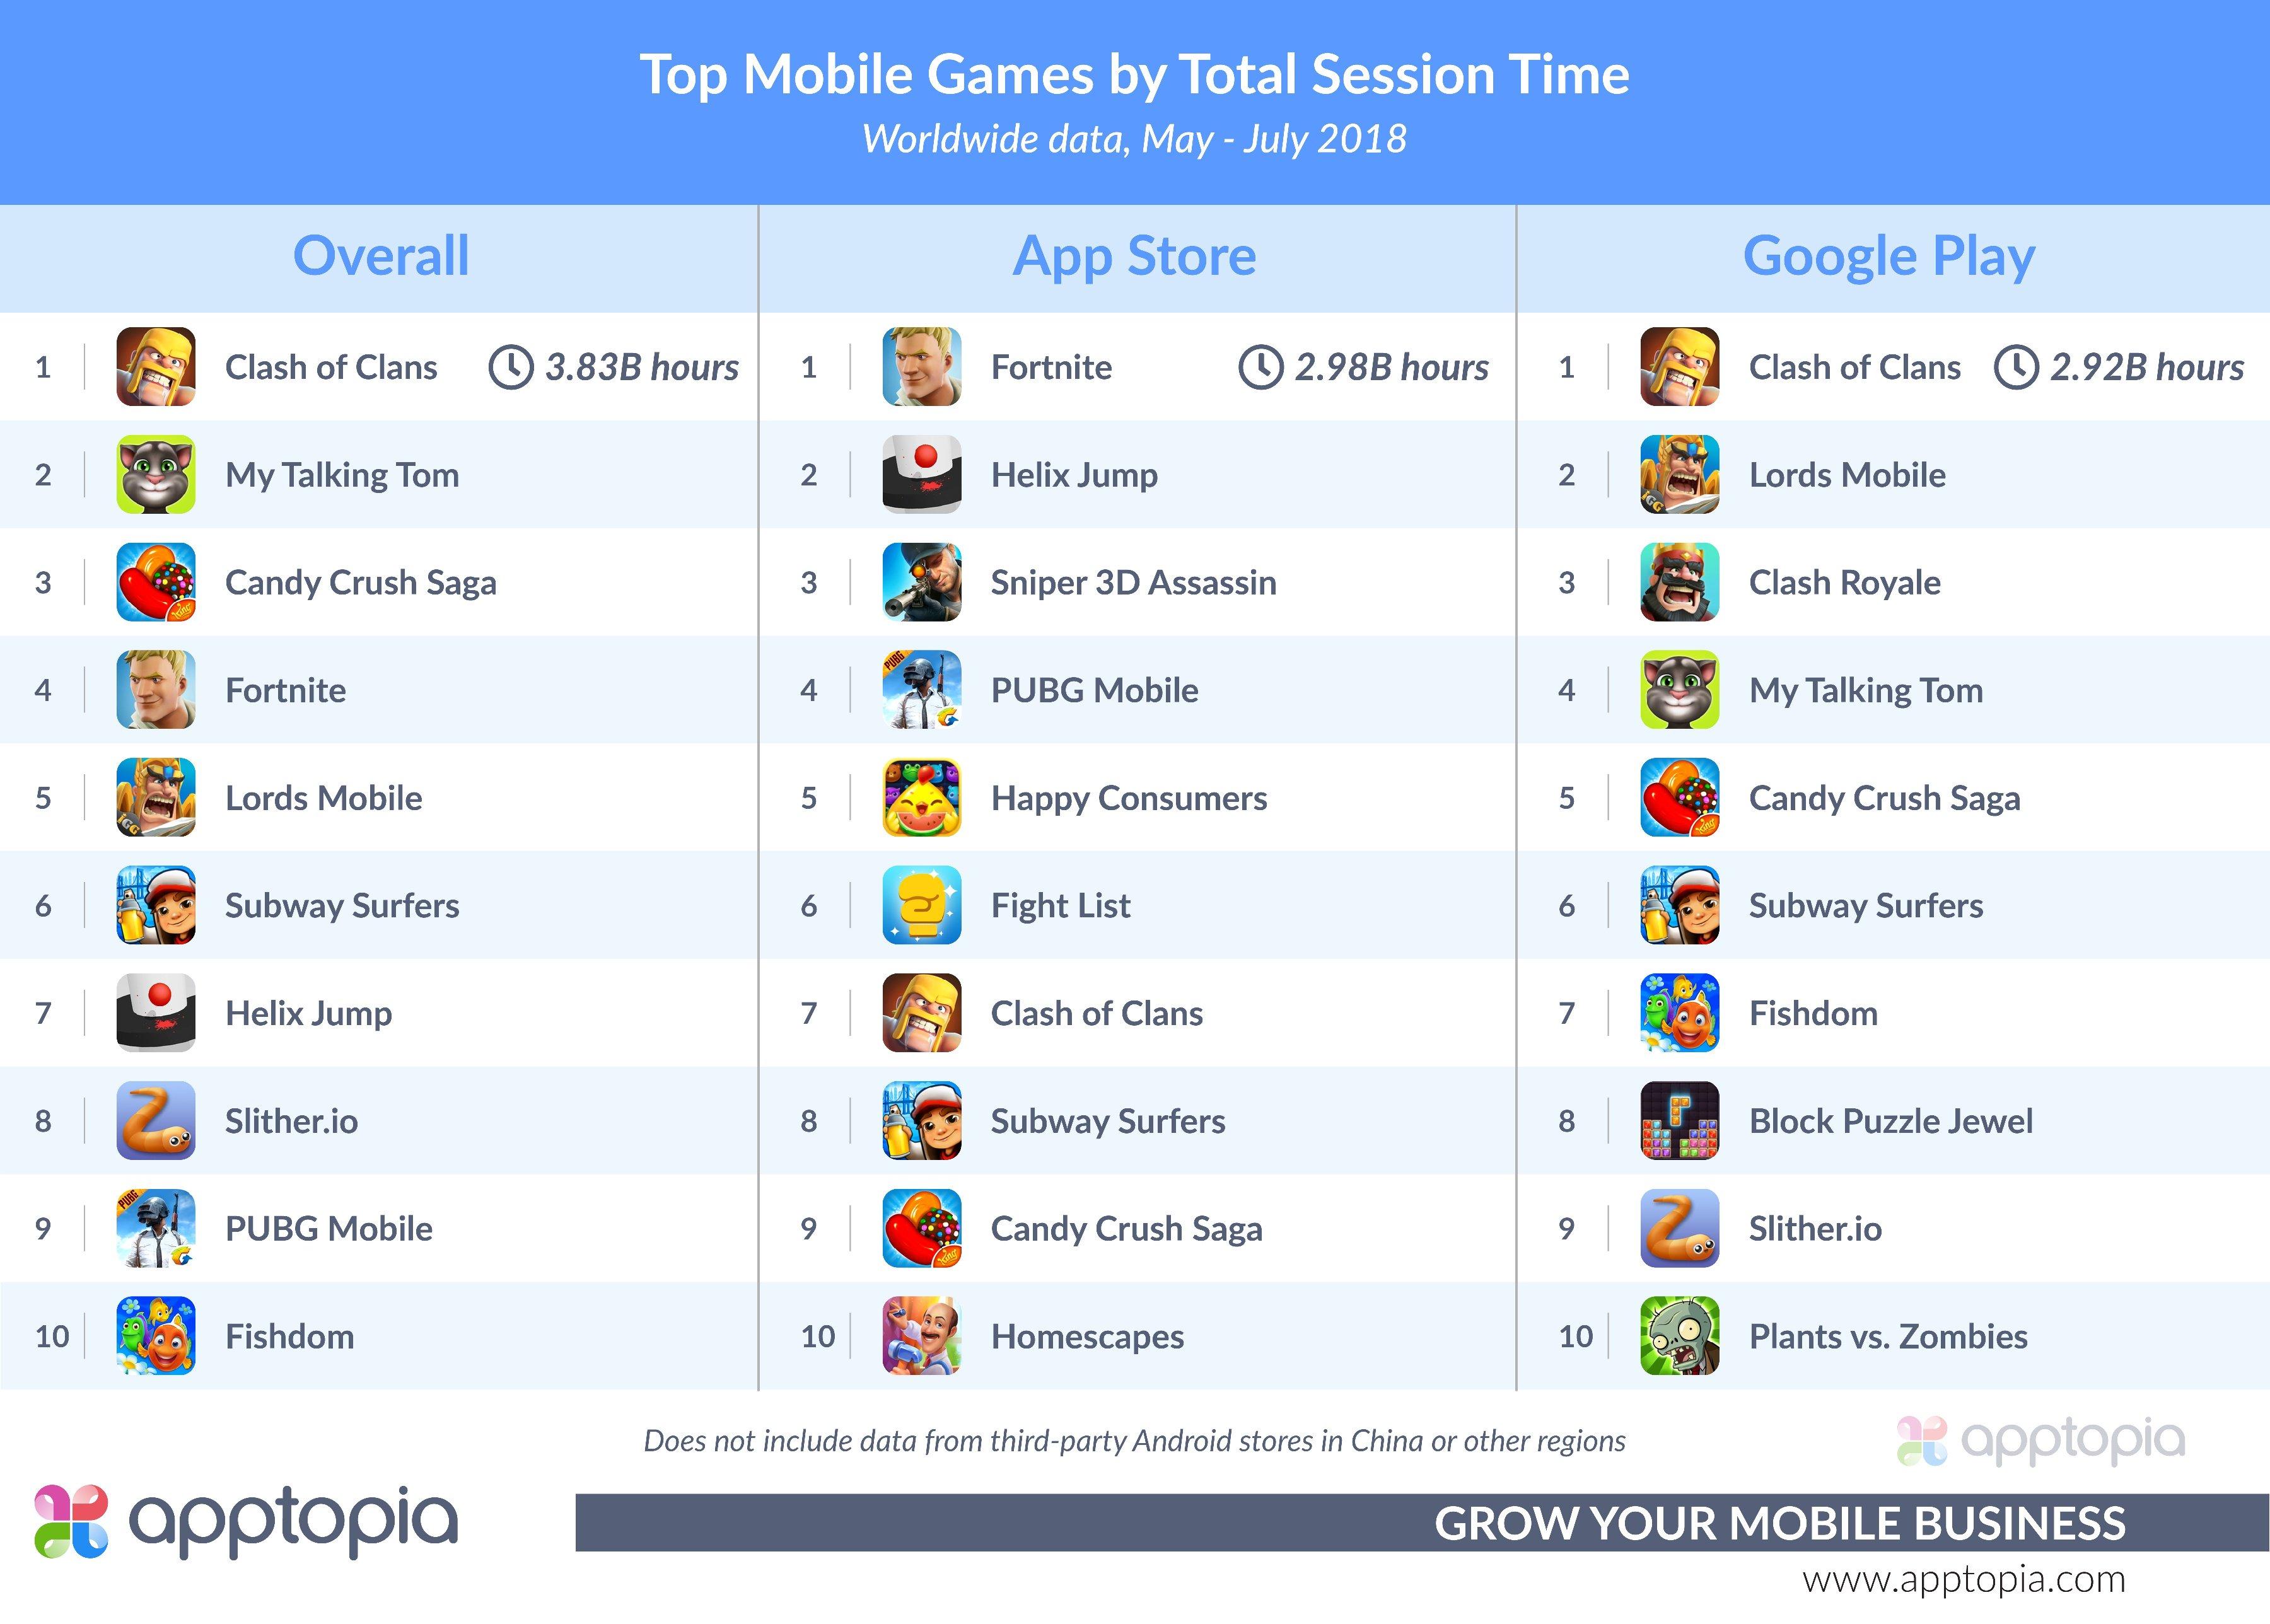 Los juegos móviles a los que más tiempo dedican los gamers